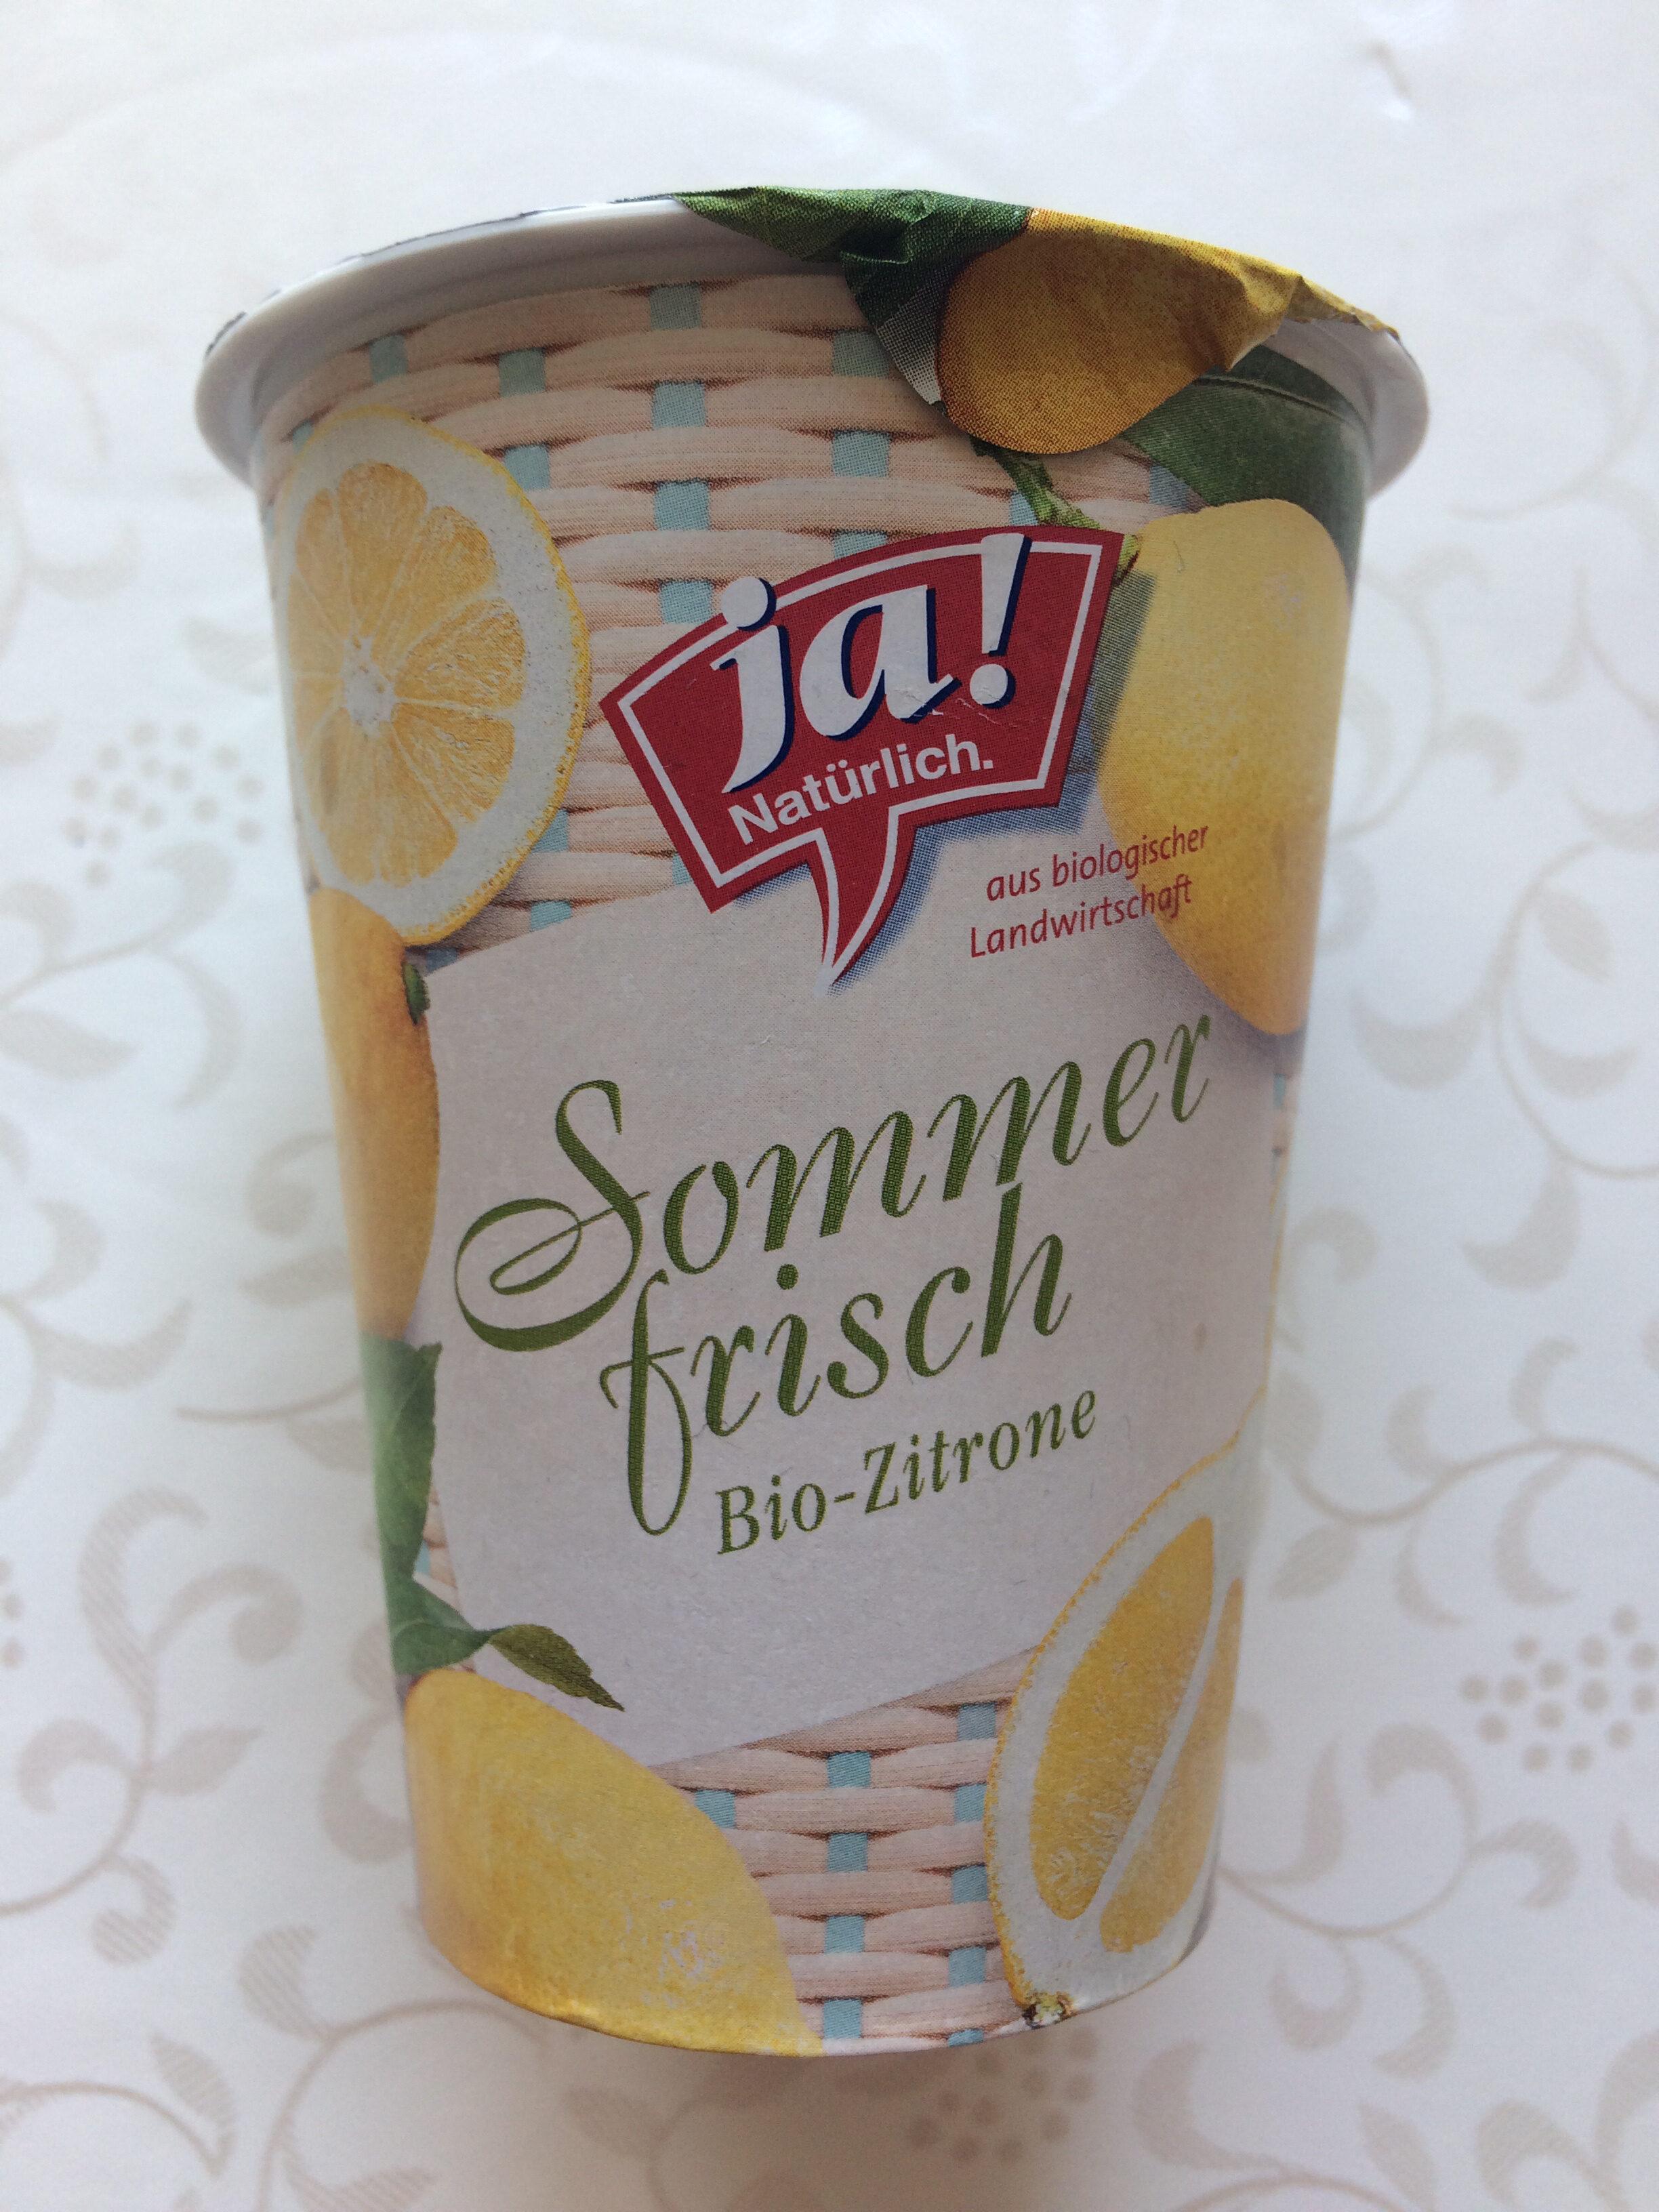 Sommerfrisch Bio-Zitrone - Product - de